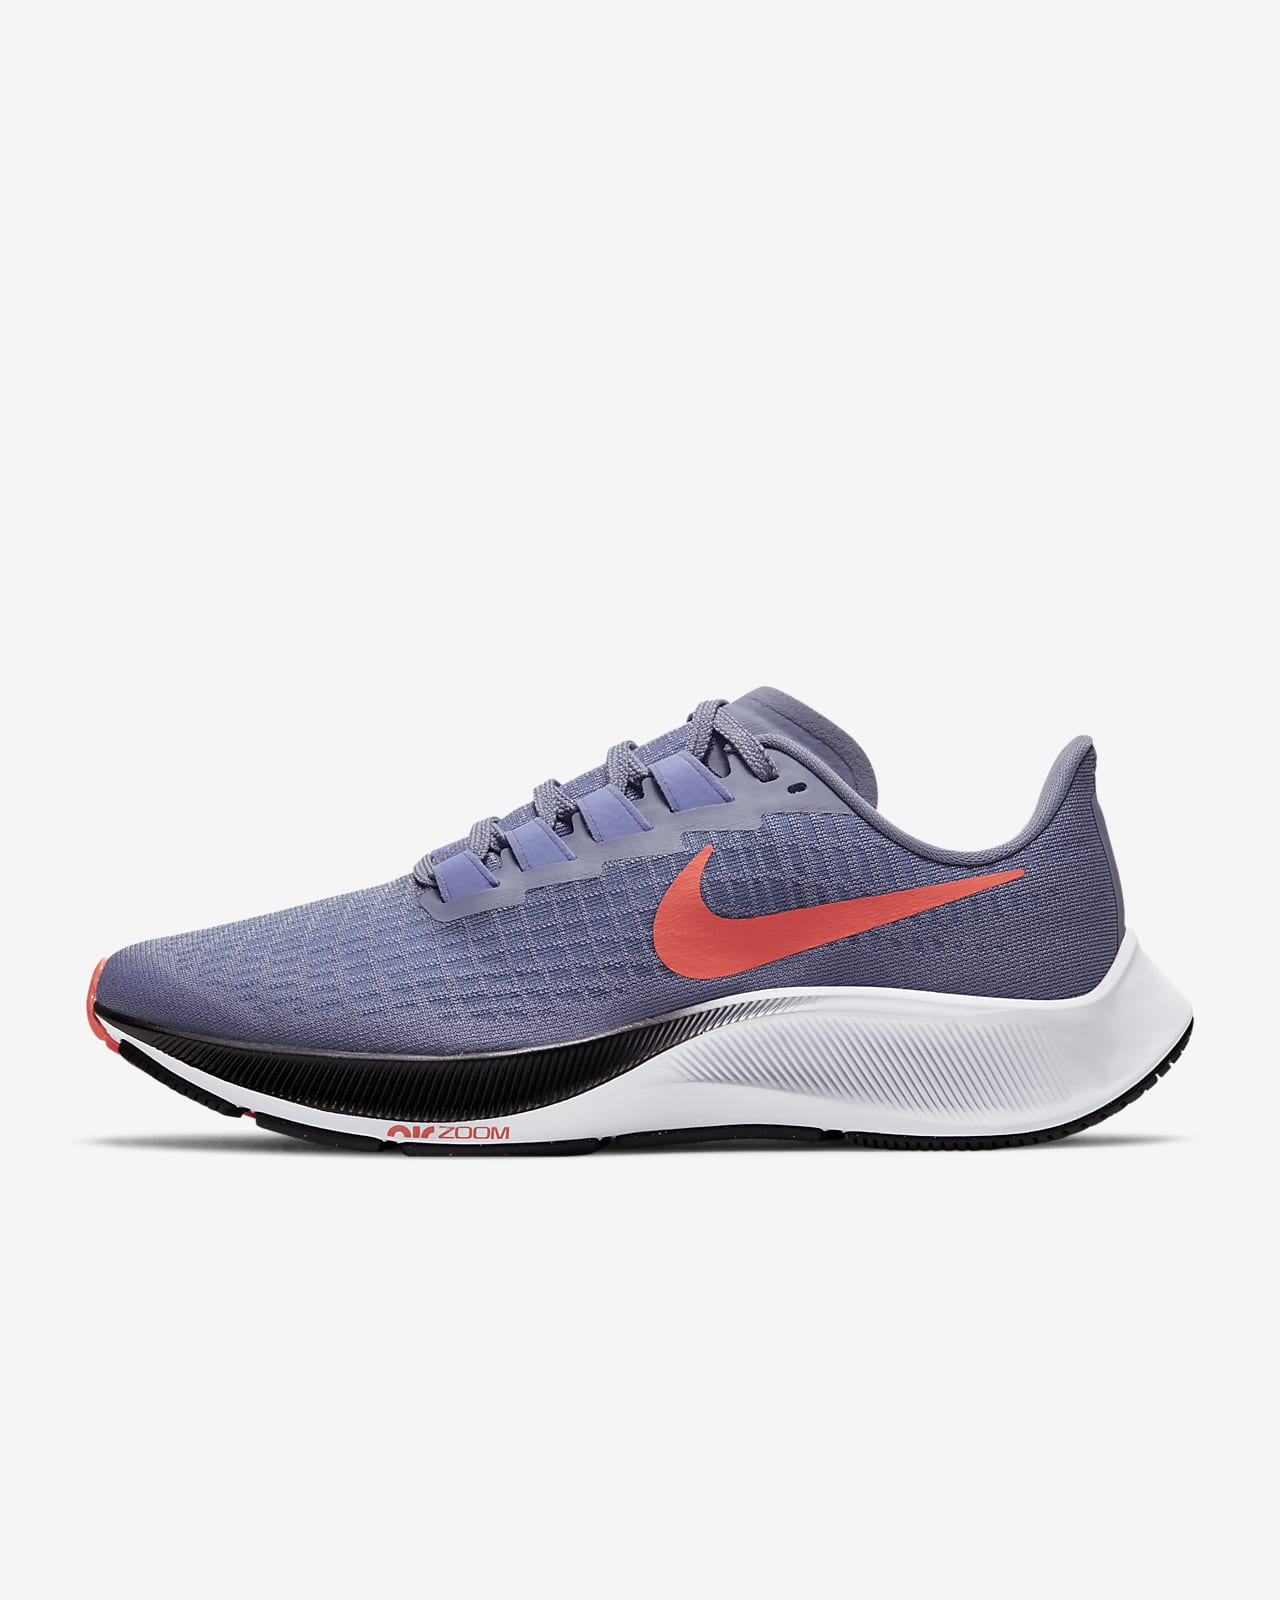 Nike Air Zoom Pegasus 37 Hardloopschoen voor dames